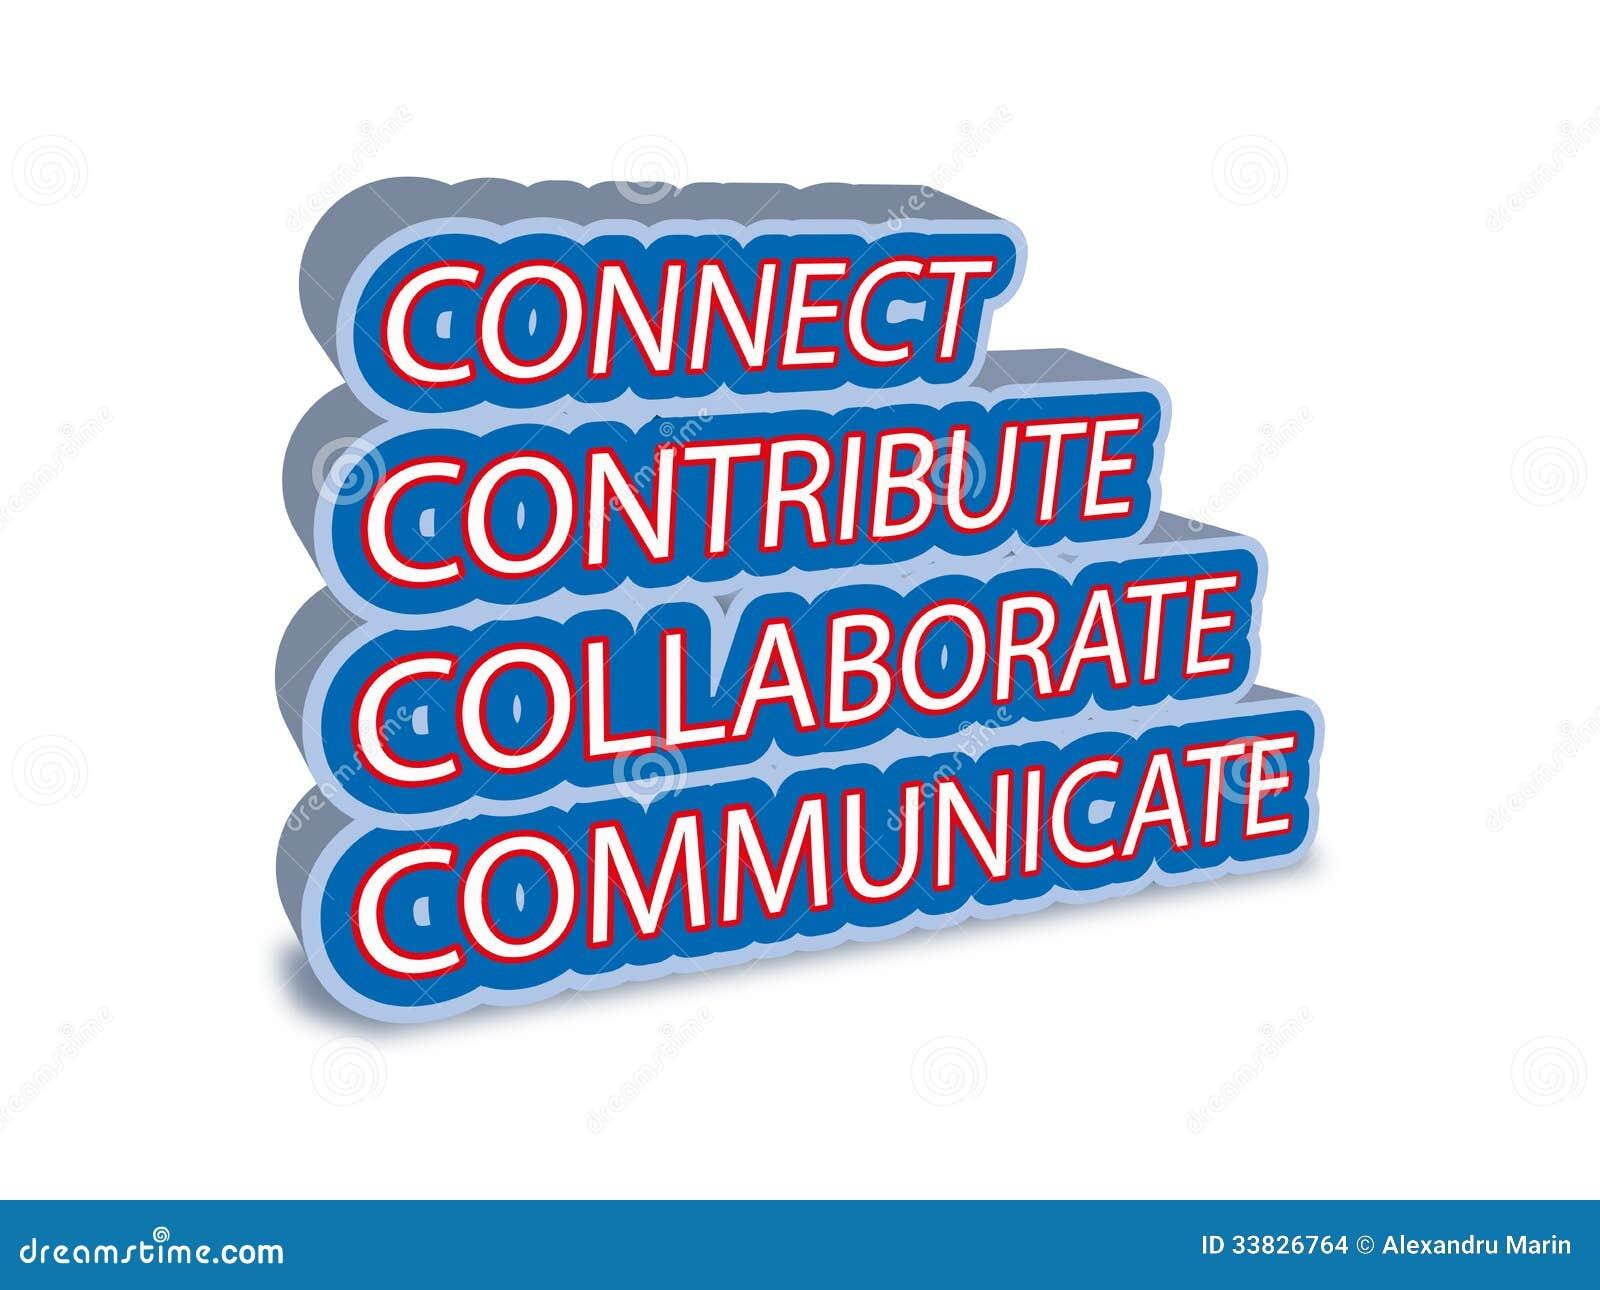 Łączę kolaboruje komunikuje przyczynia się